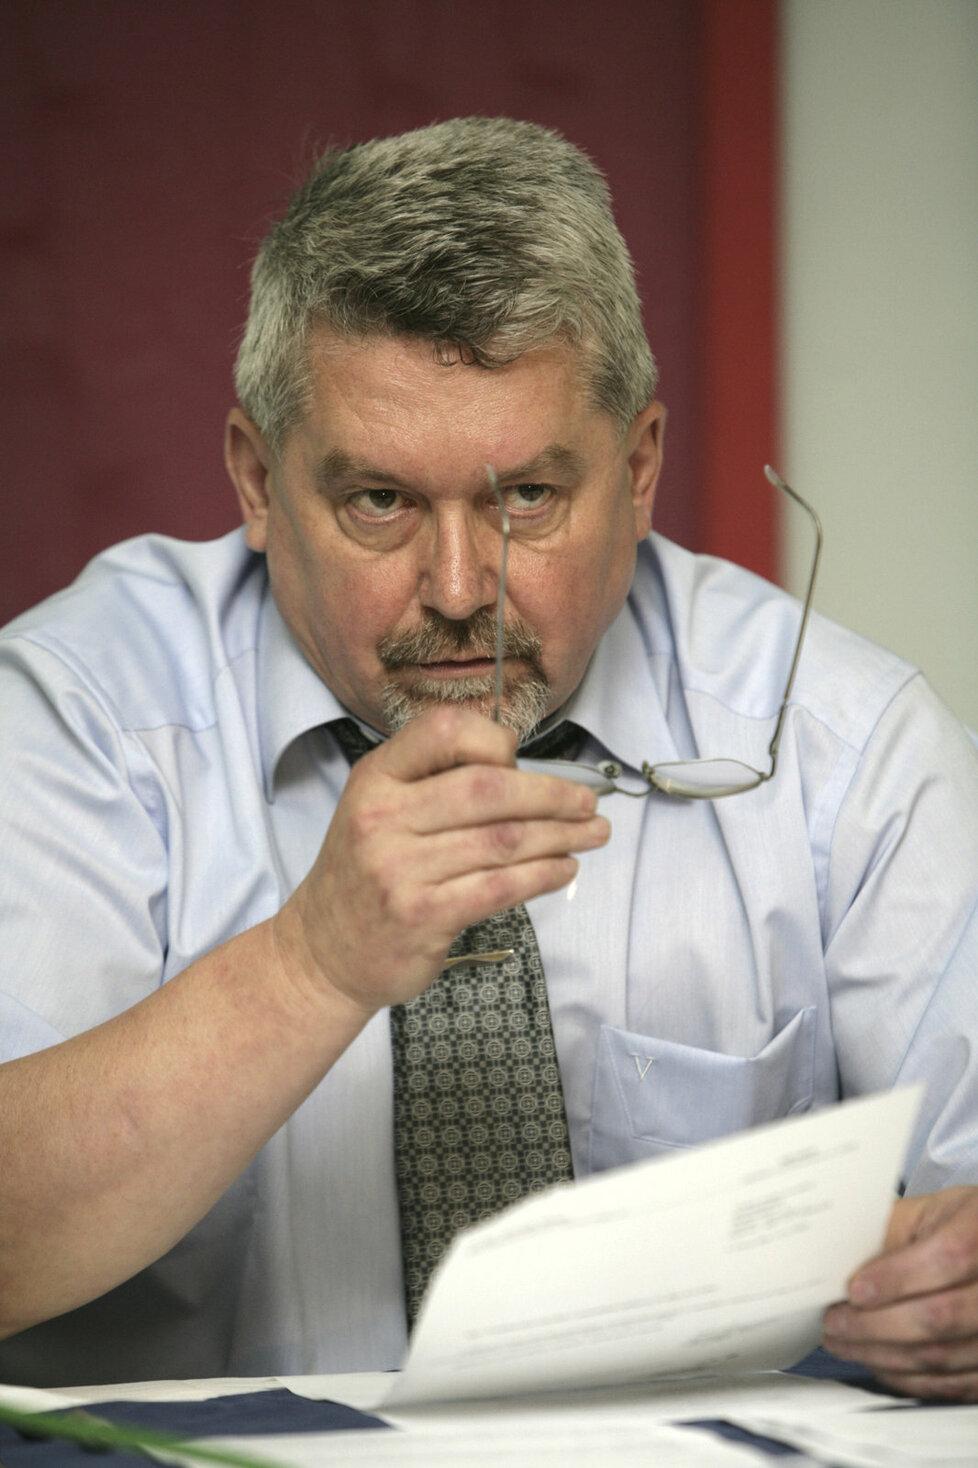 Někdejší advokát Zdeněk Altner v roce 2006